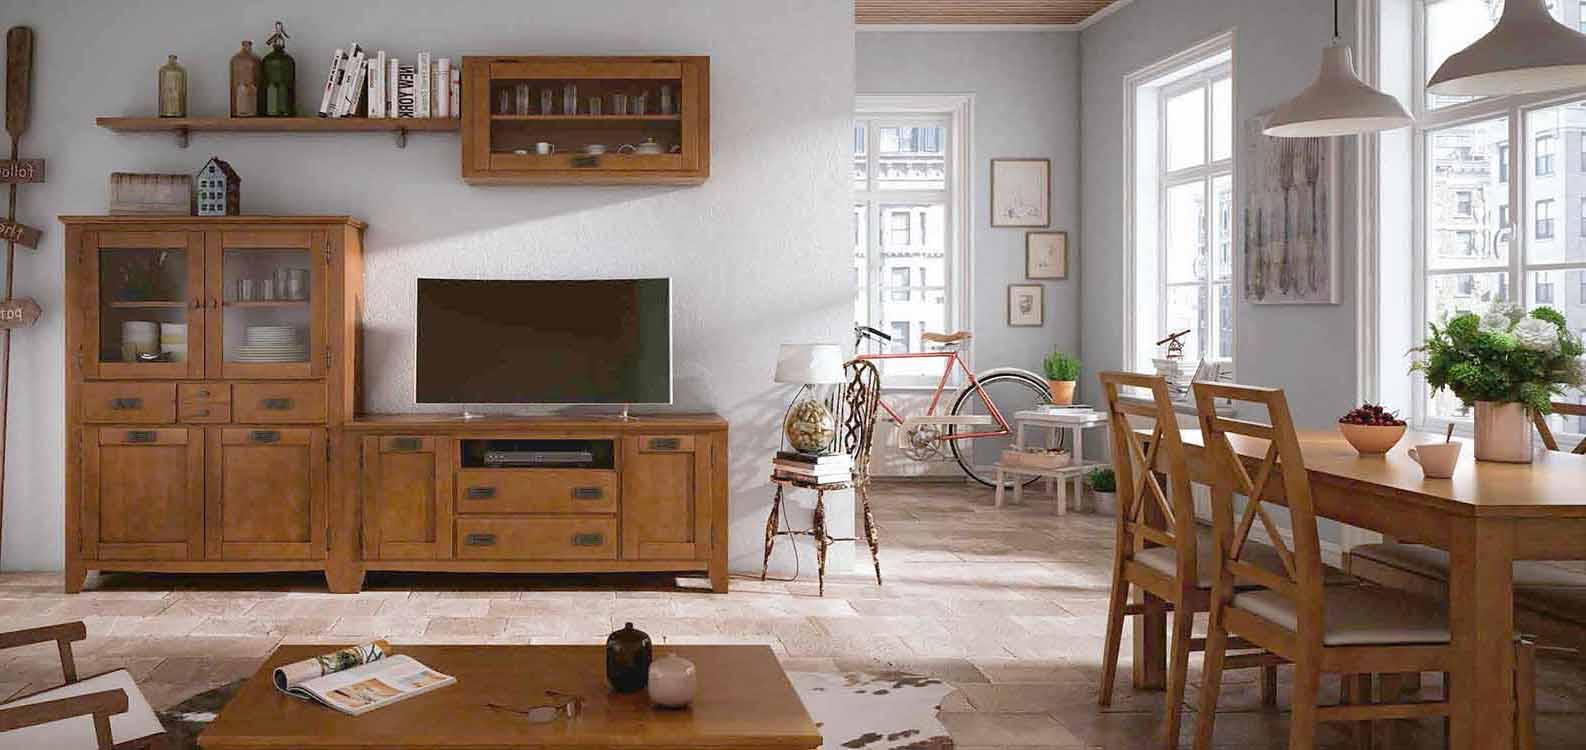 Muebles con estilo moderno - Muebles con estilo ...